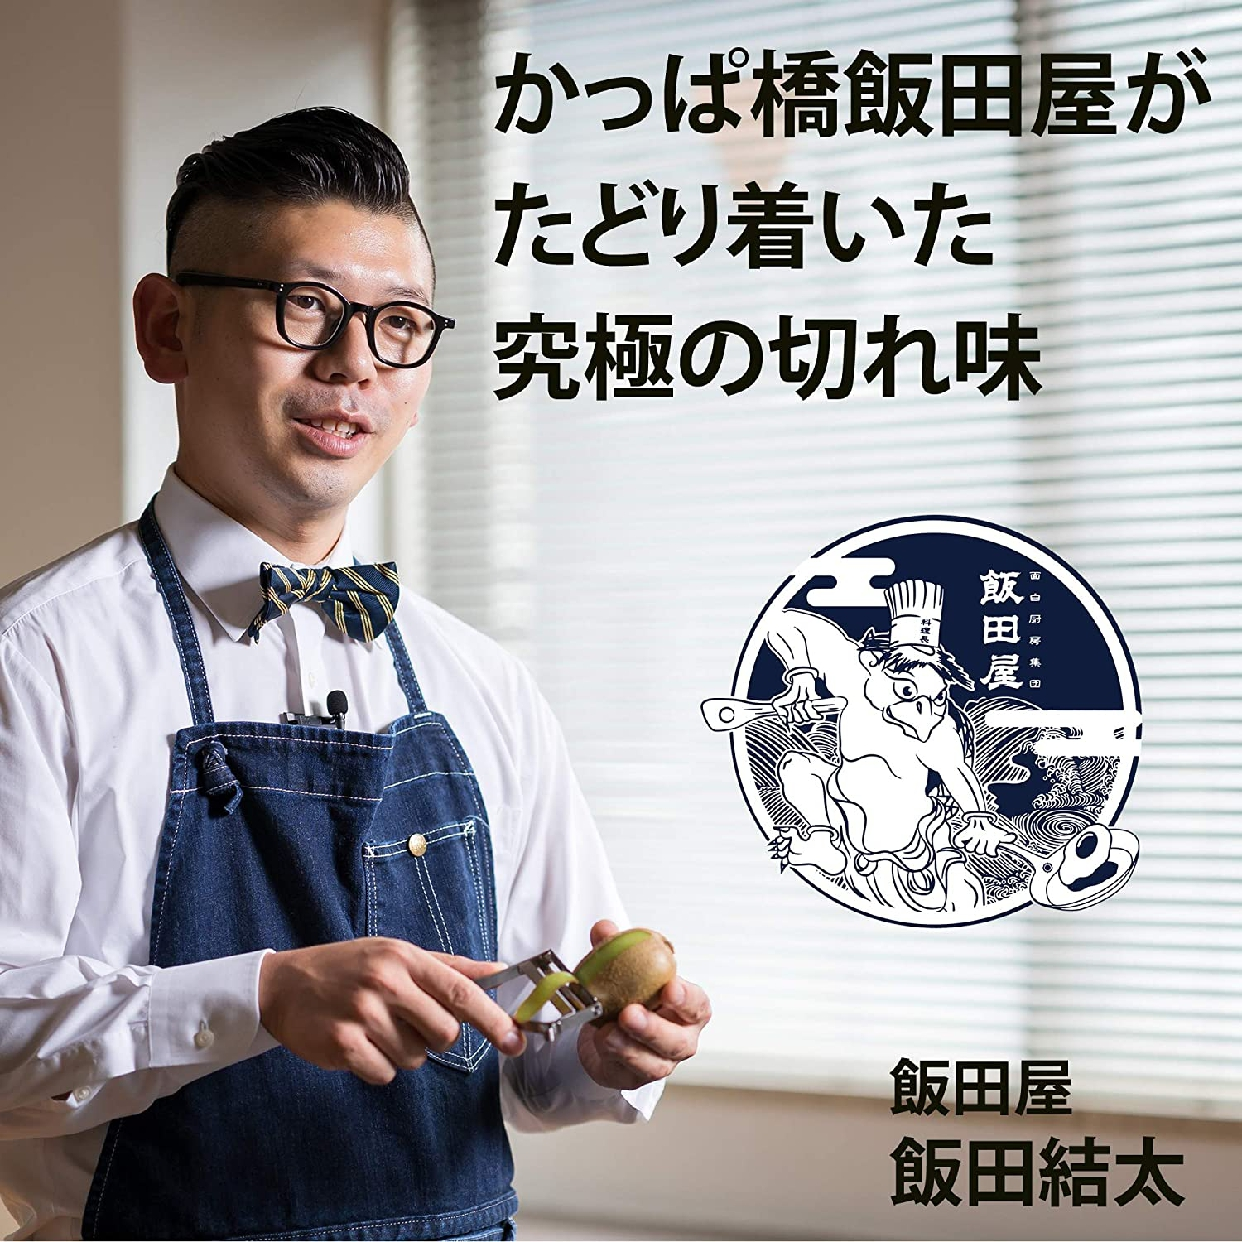 飯田屋(いいだや)エバーピーラーの商品画像4